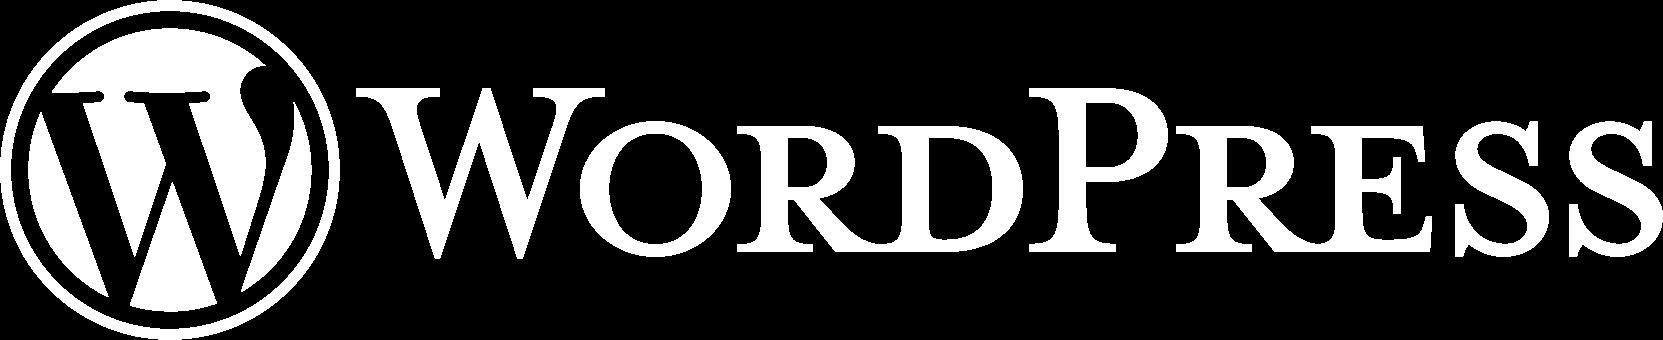 wordpress-main